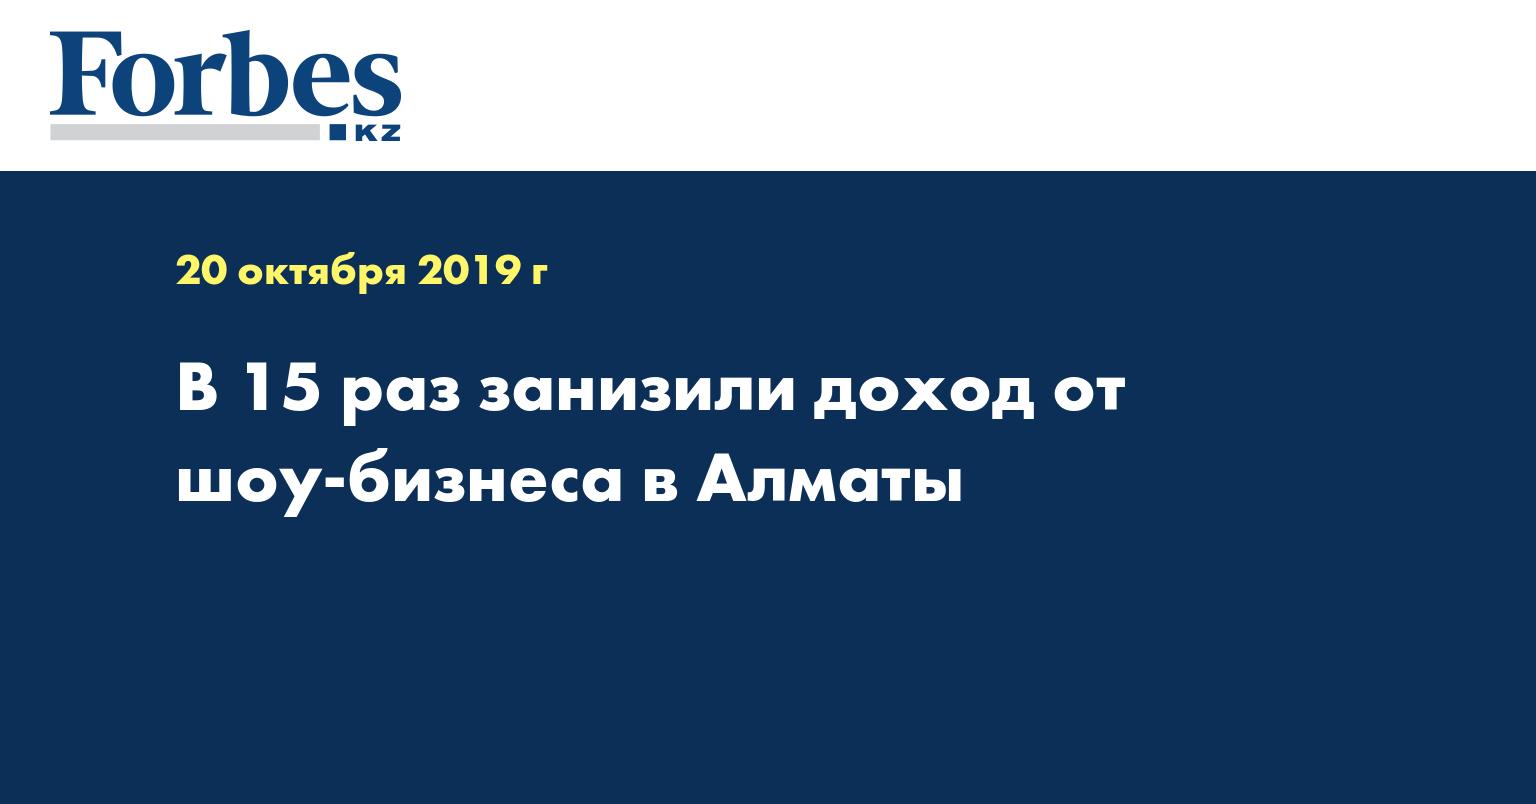 В 15 раз занизили доход от шоу-бизнеса в Алматы